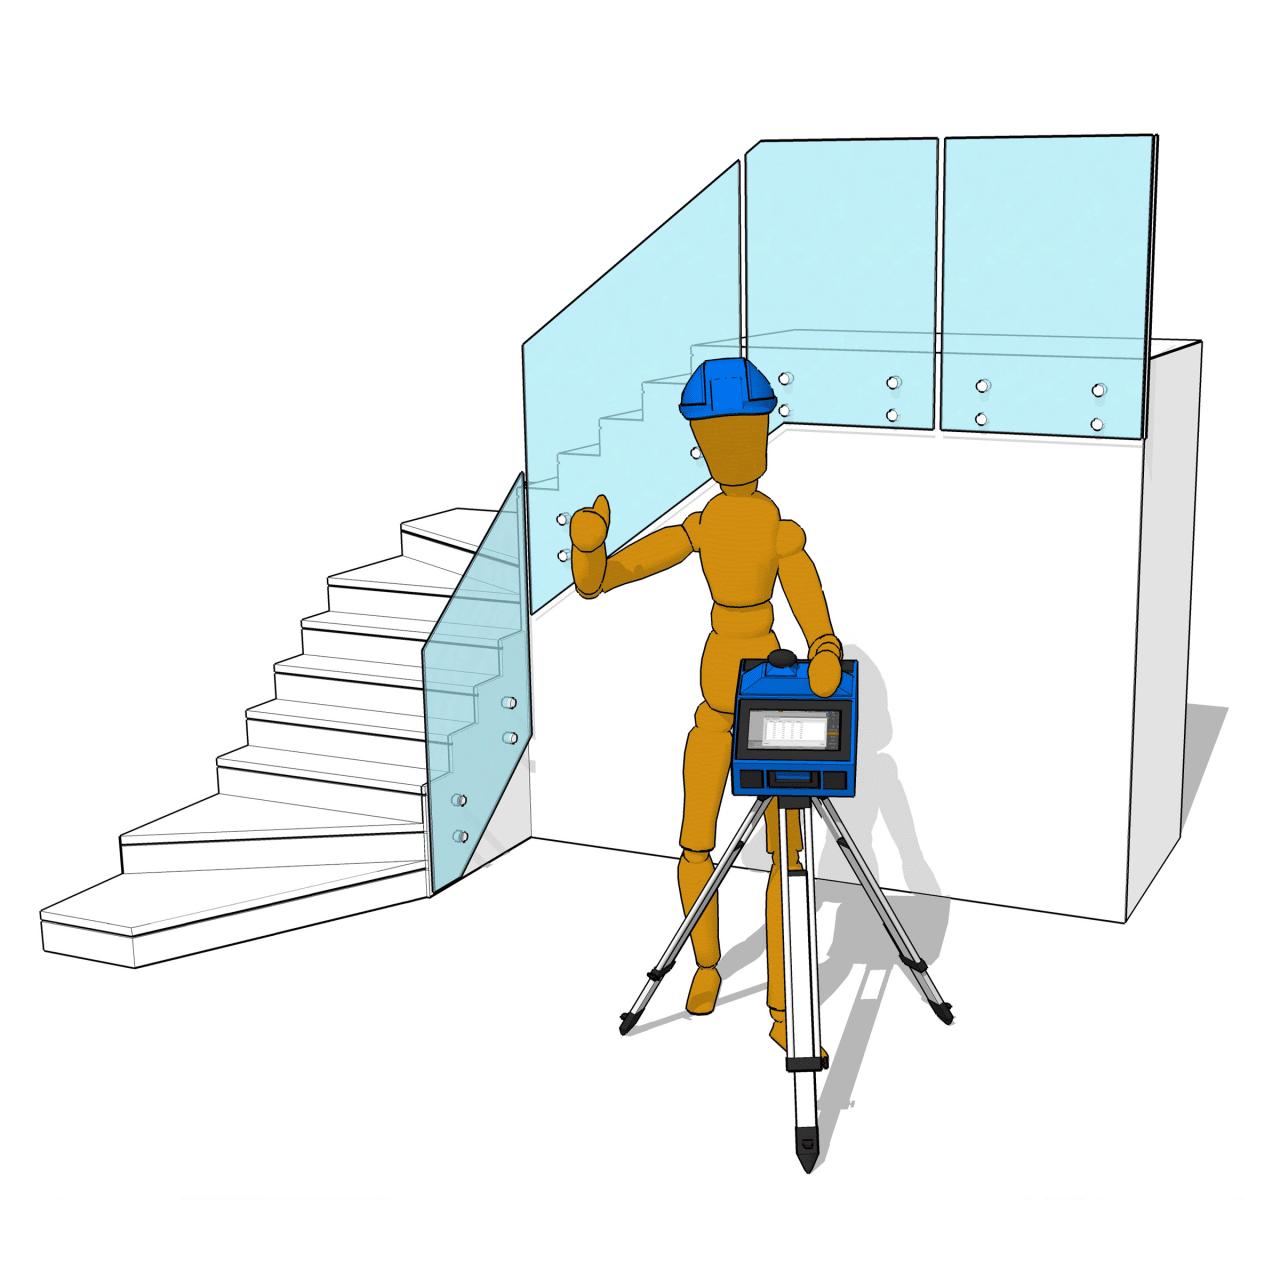 Prodim Proliner CS Survey - Établissez votre plan numérique